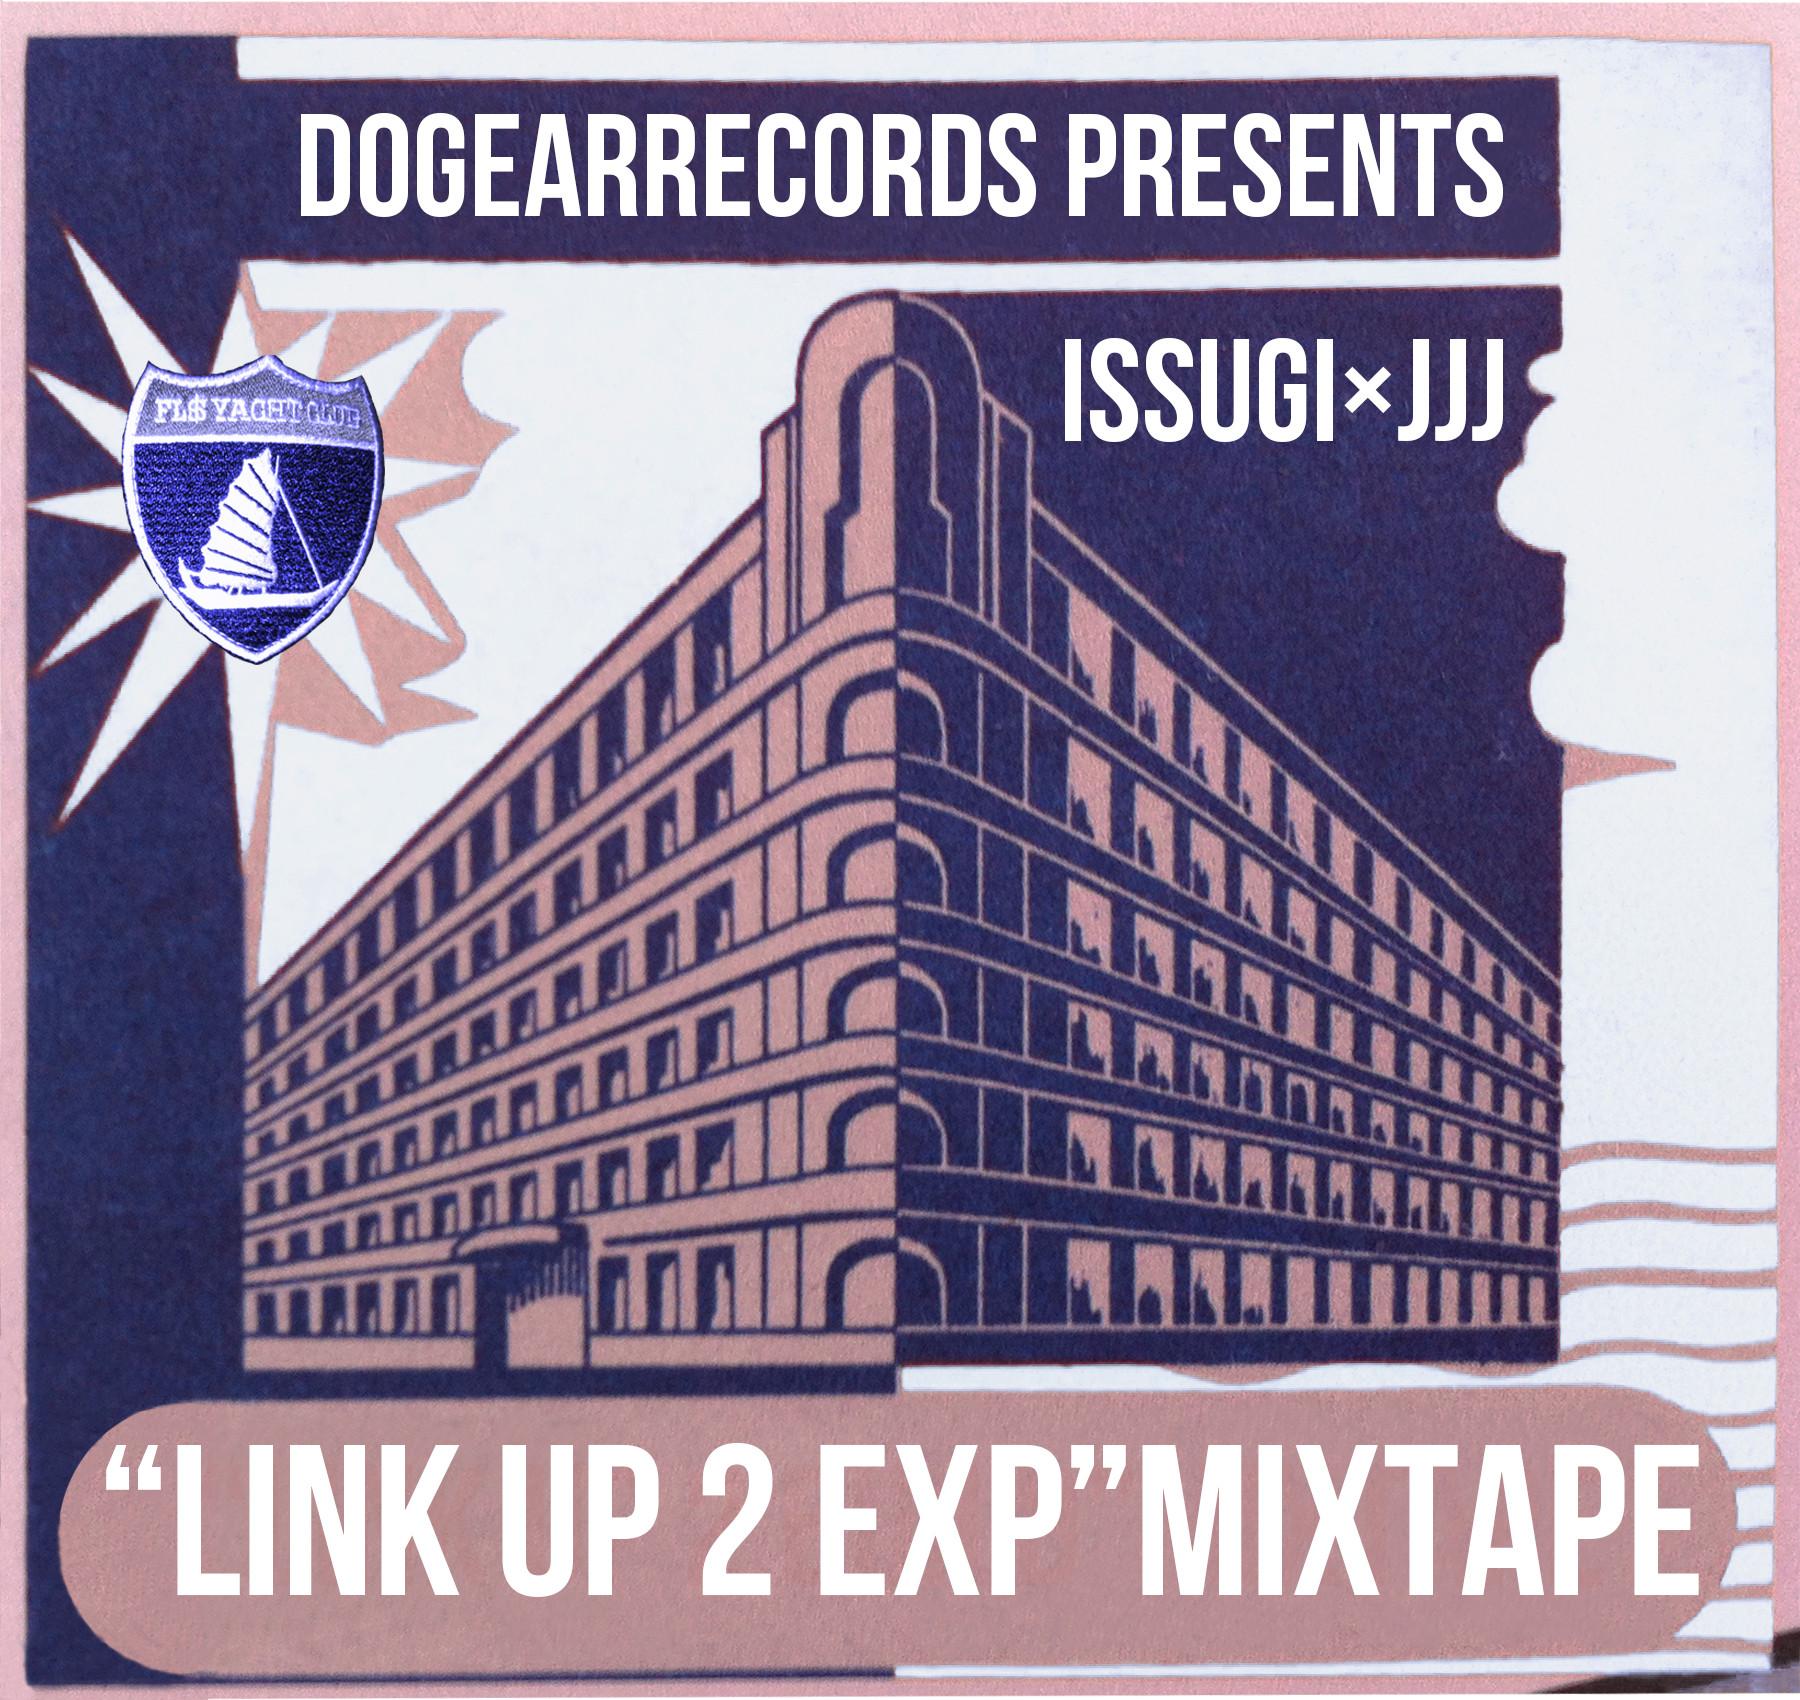 LINK UP 2 EXPERIMENT MIXTAPE - Dogear Recordsxxxxxxxx